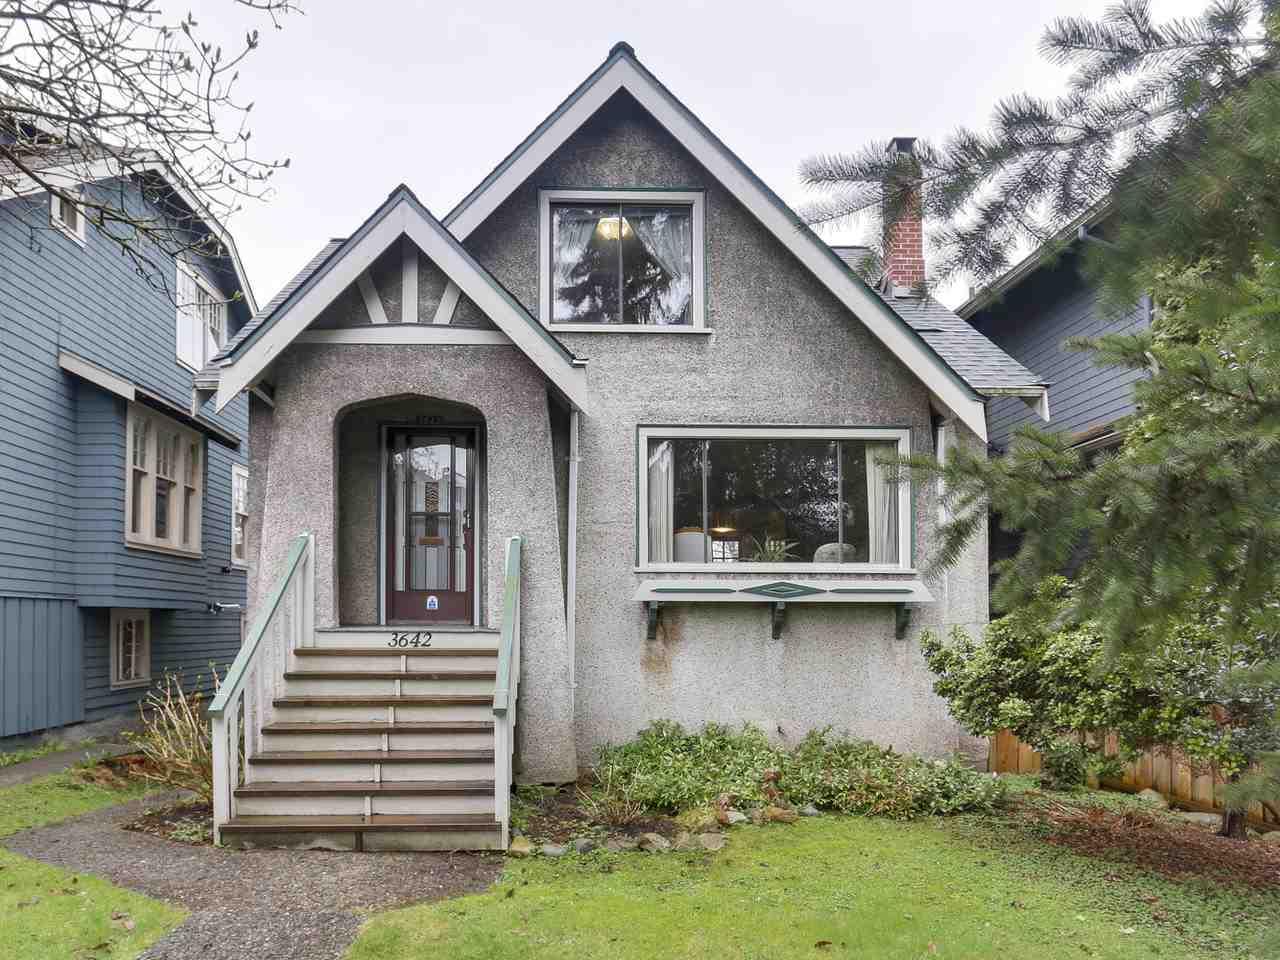 3642 W 3RD AVENUE, Vancouver, BC, V6R 1L9 Primary Photo